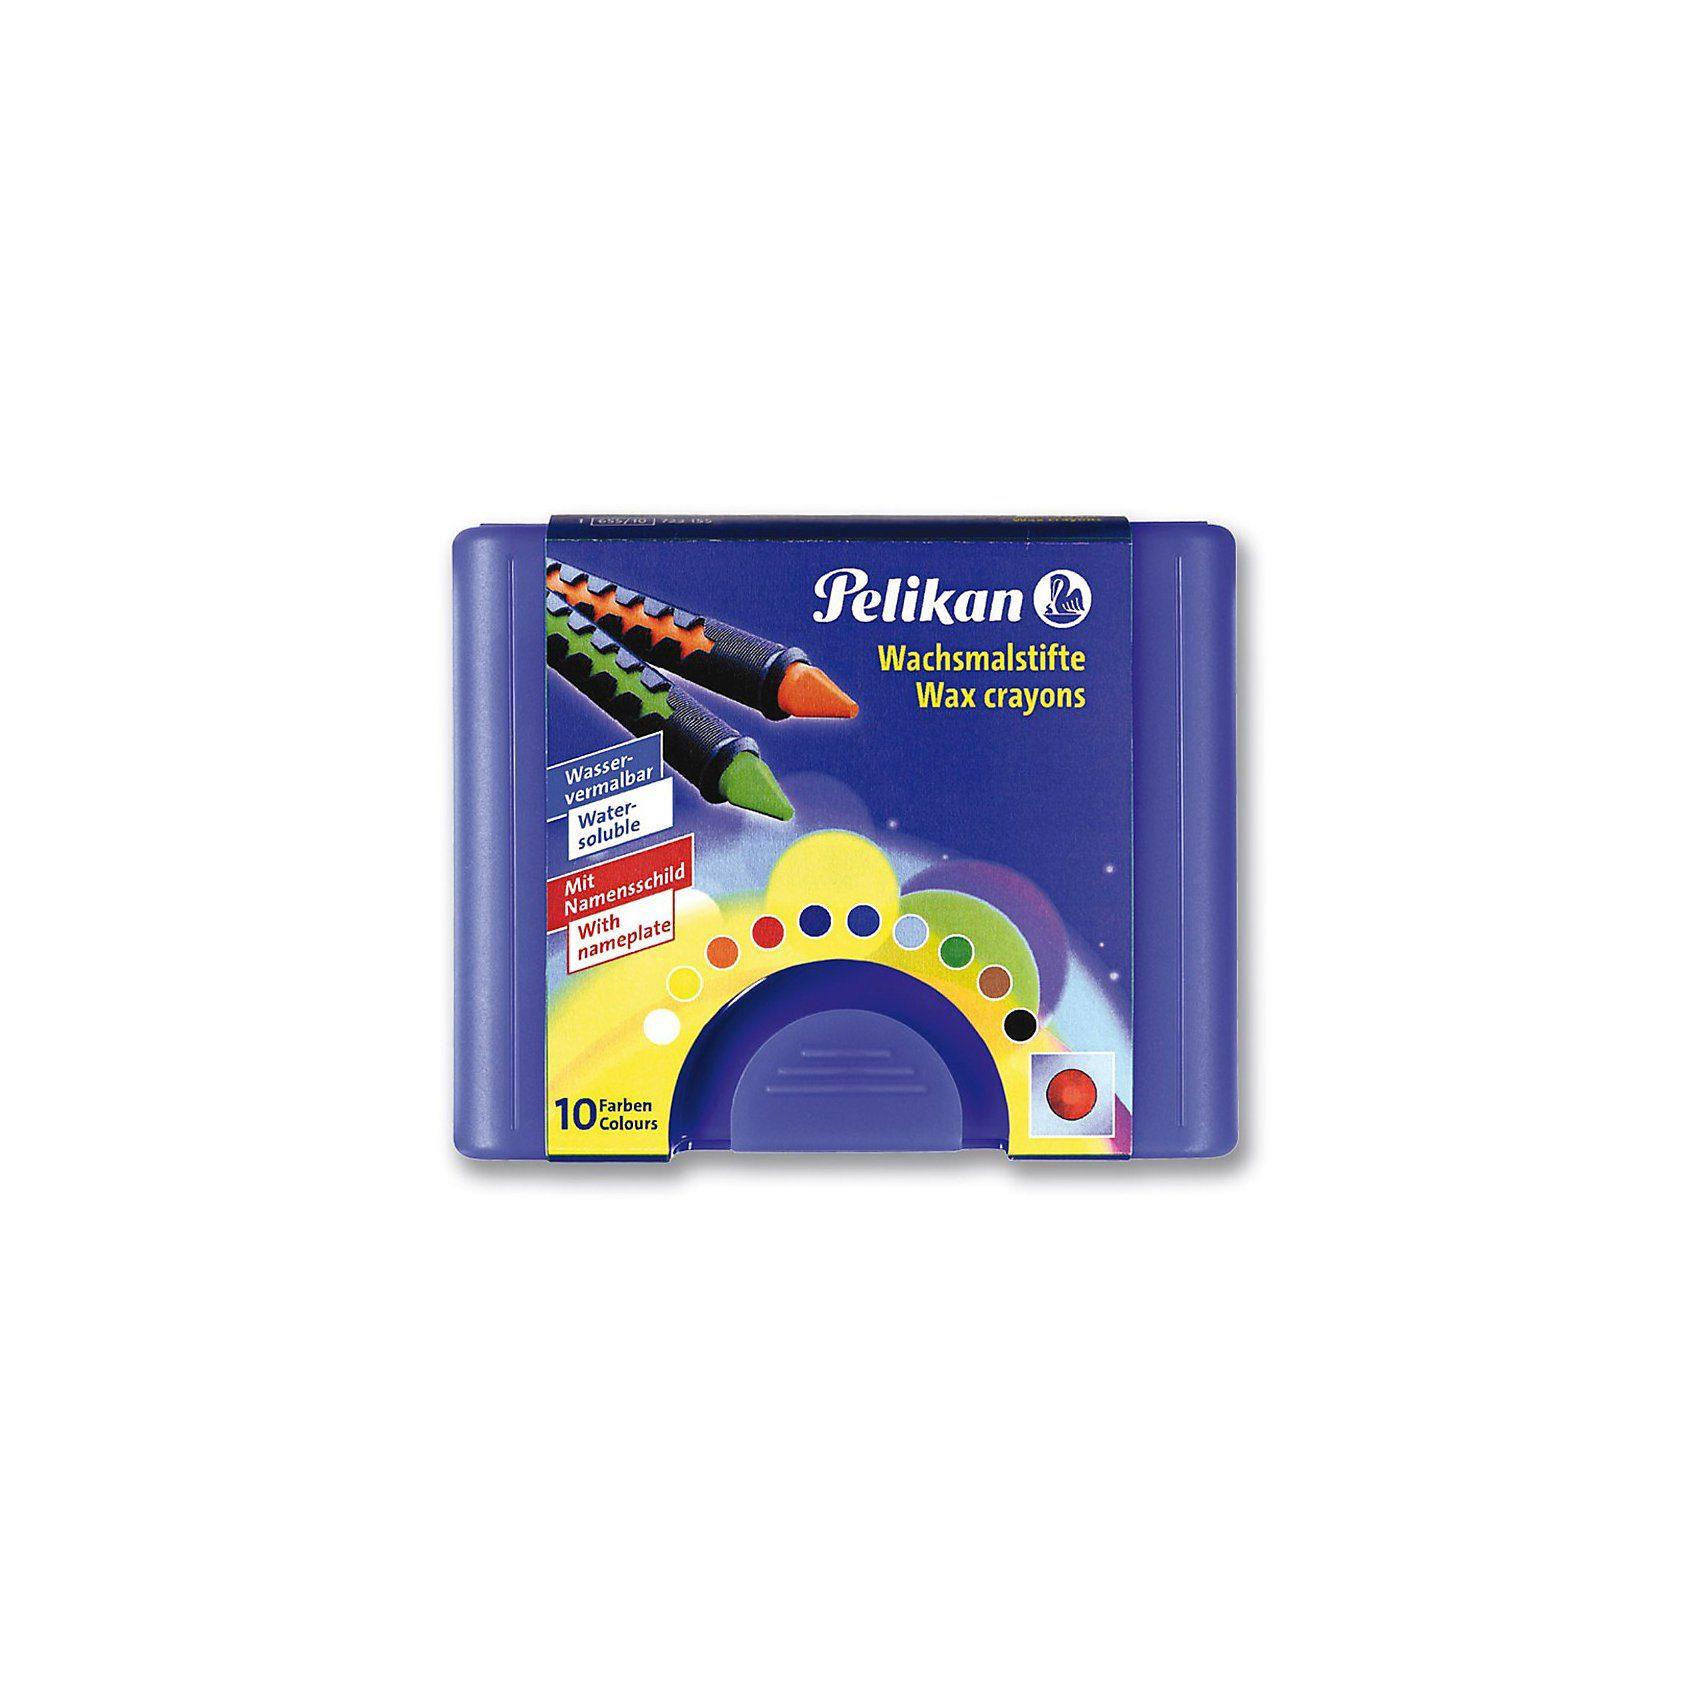 Pelikan Wachsmalstifte, wasservermalbar, Box mit 10 Farben